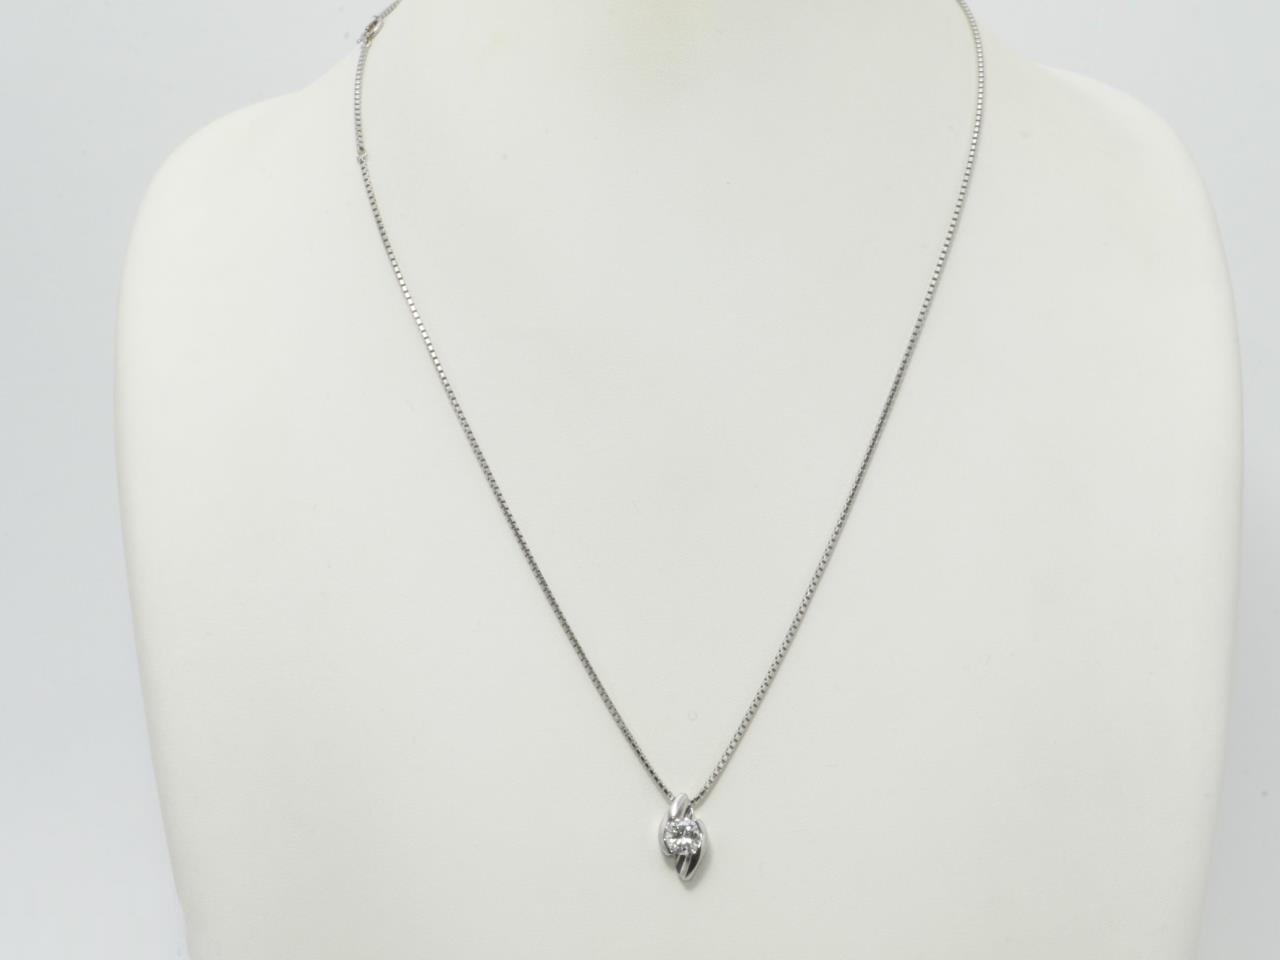 プラチナ ダイヤモンドネックレス Pt900